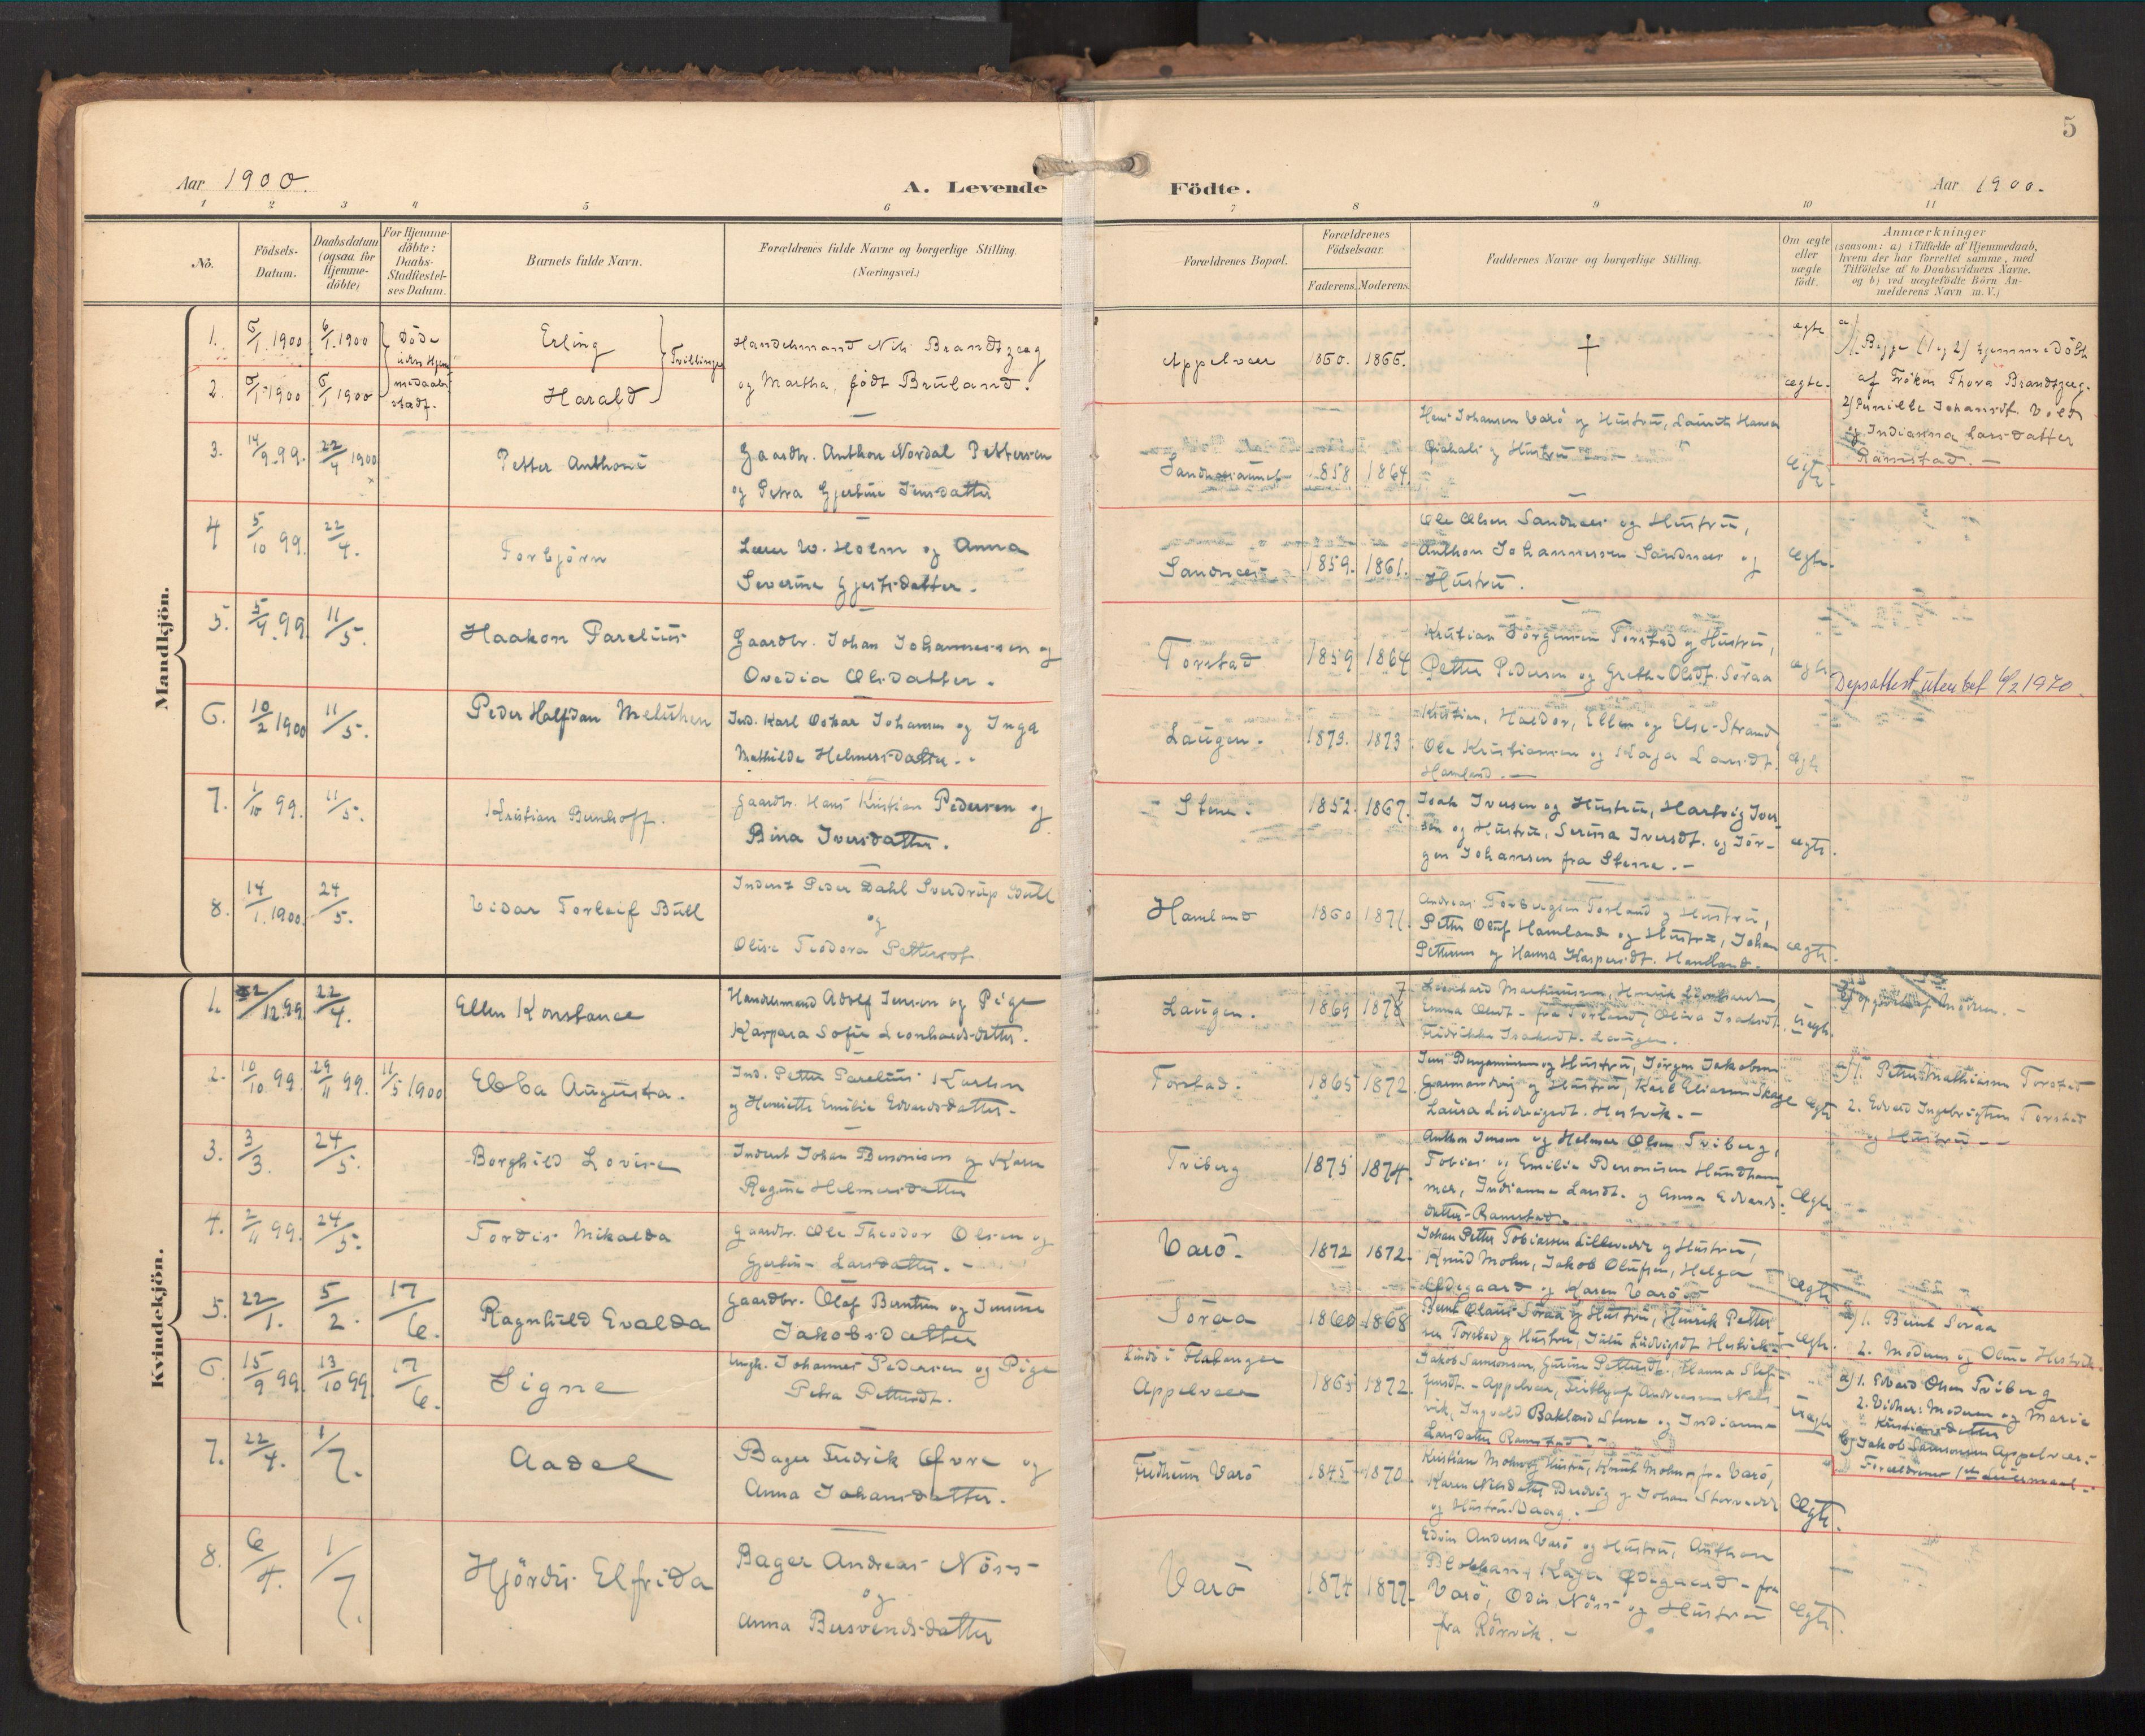 SAT, Ministerialprotokoller, klokkerbøker og fødselsregistre - Nord-Trøndelag, 784/L0677: Ministerialbok nr. 784A12, 1900-1920, s. 5